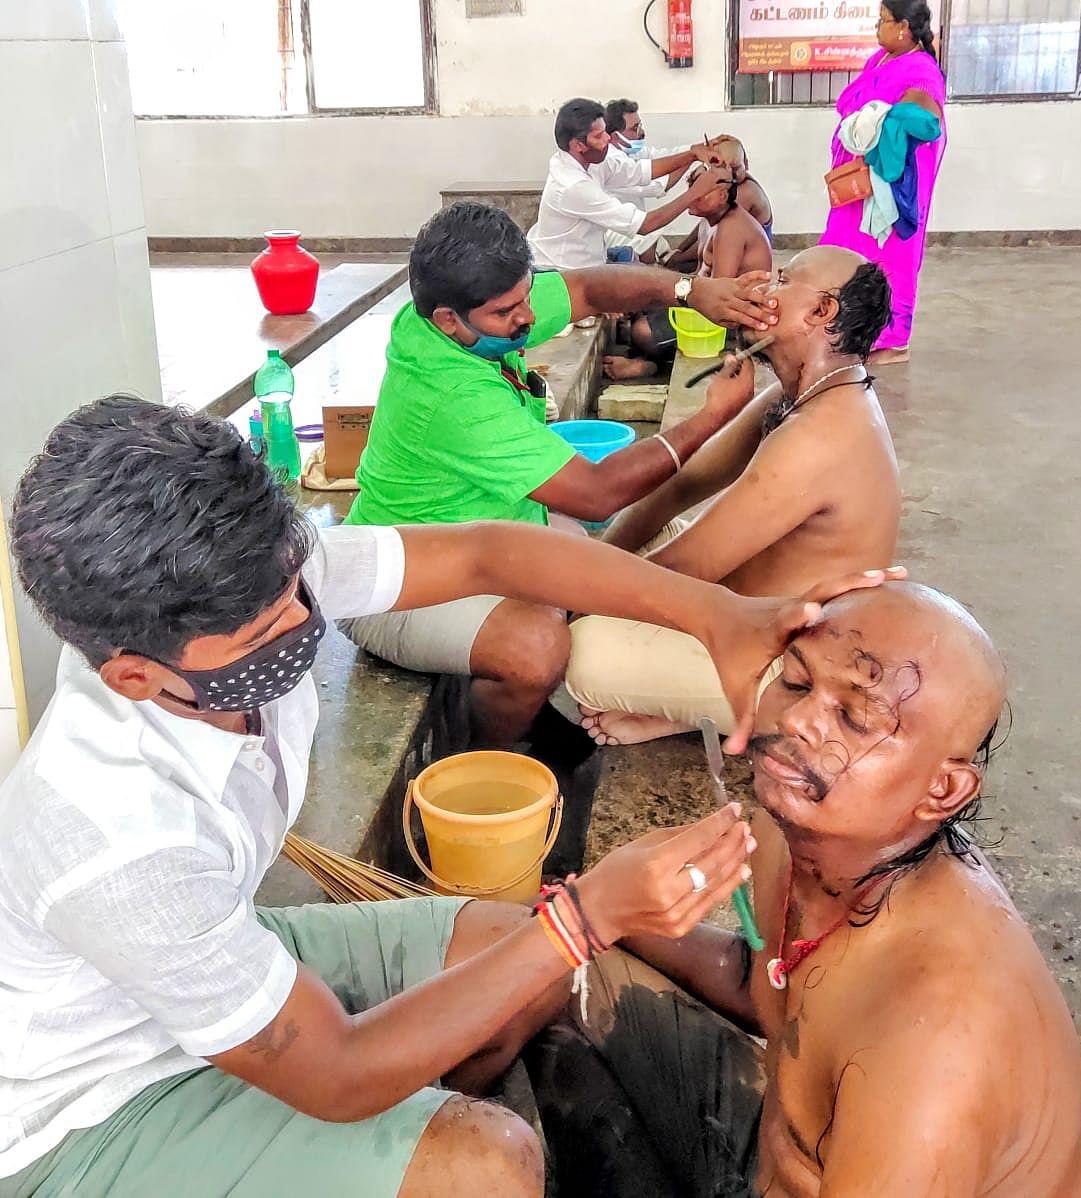 முடிக்காணிக்கை செலுத்திய பக்தர்கள்